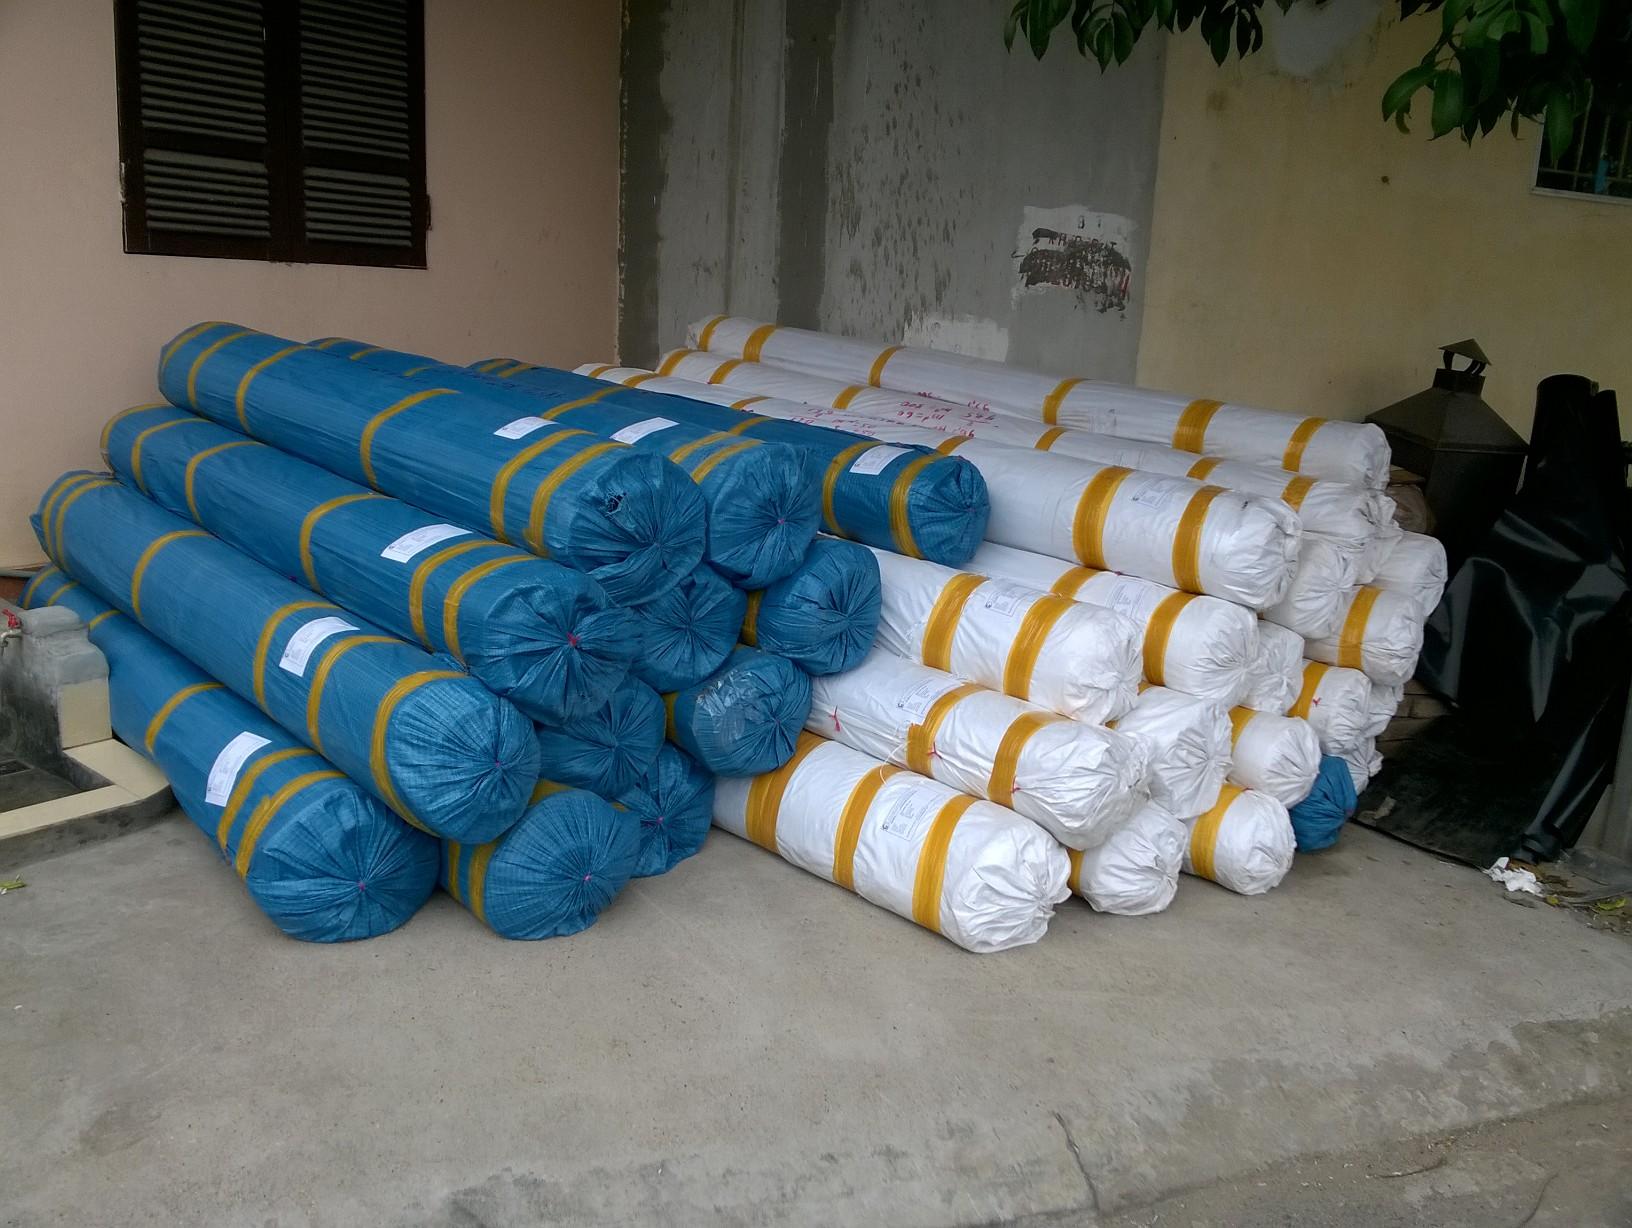 Giá Bạt Nhựa Lót Ao - Bảng Giá Bạt Phủ Lót Ao Hồ Nuôi Thủy Sản - Bạt HDPE Chống Thấm Nước